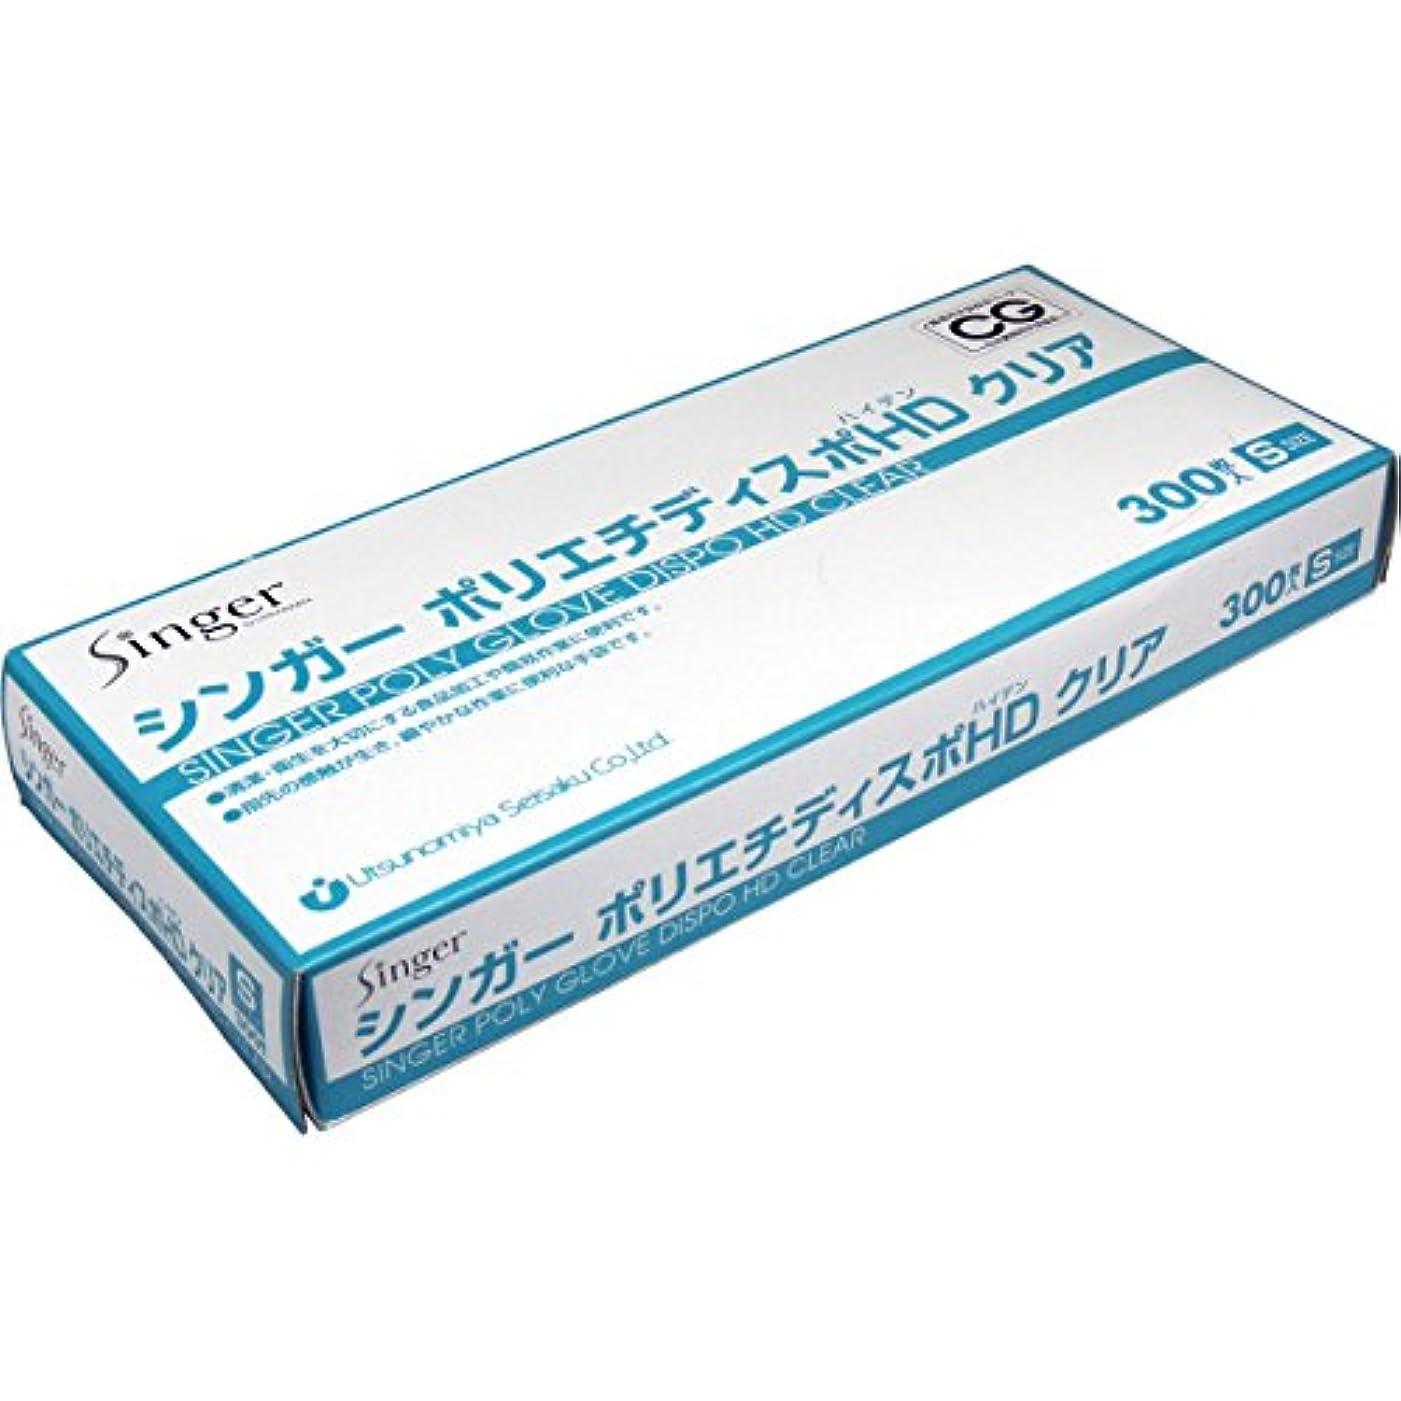 パトロールワットおもてなし食品衛生法適合手袋 シンガーポリエチディスポHDクリア Sサイズ 300枚入 3個セット